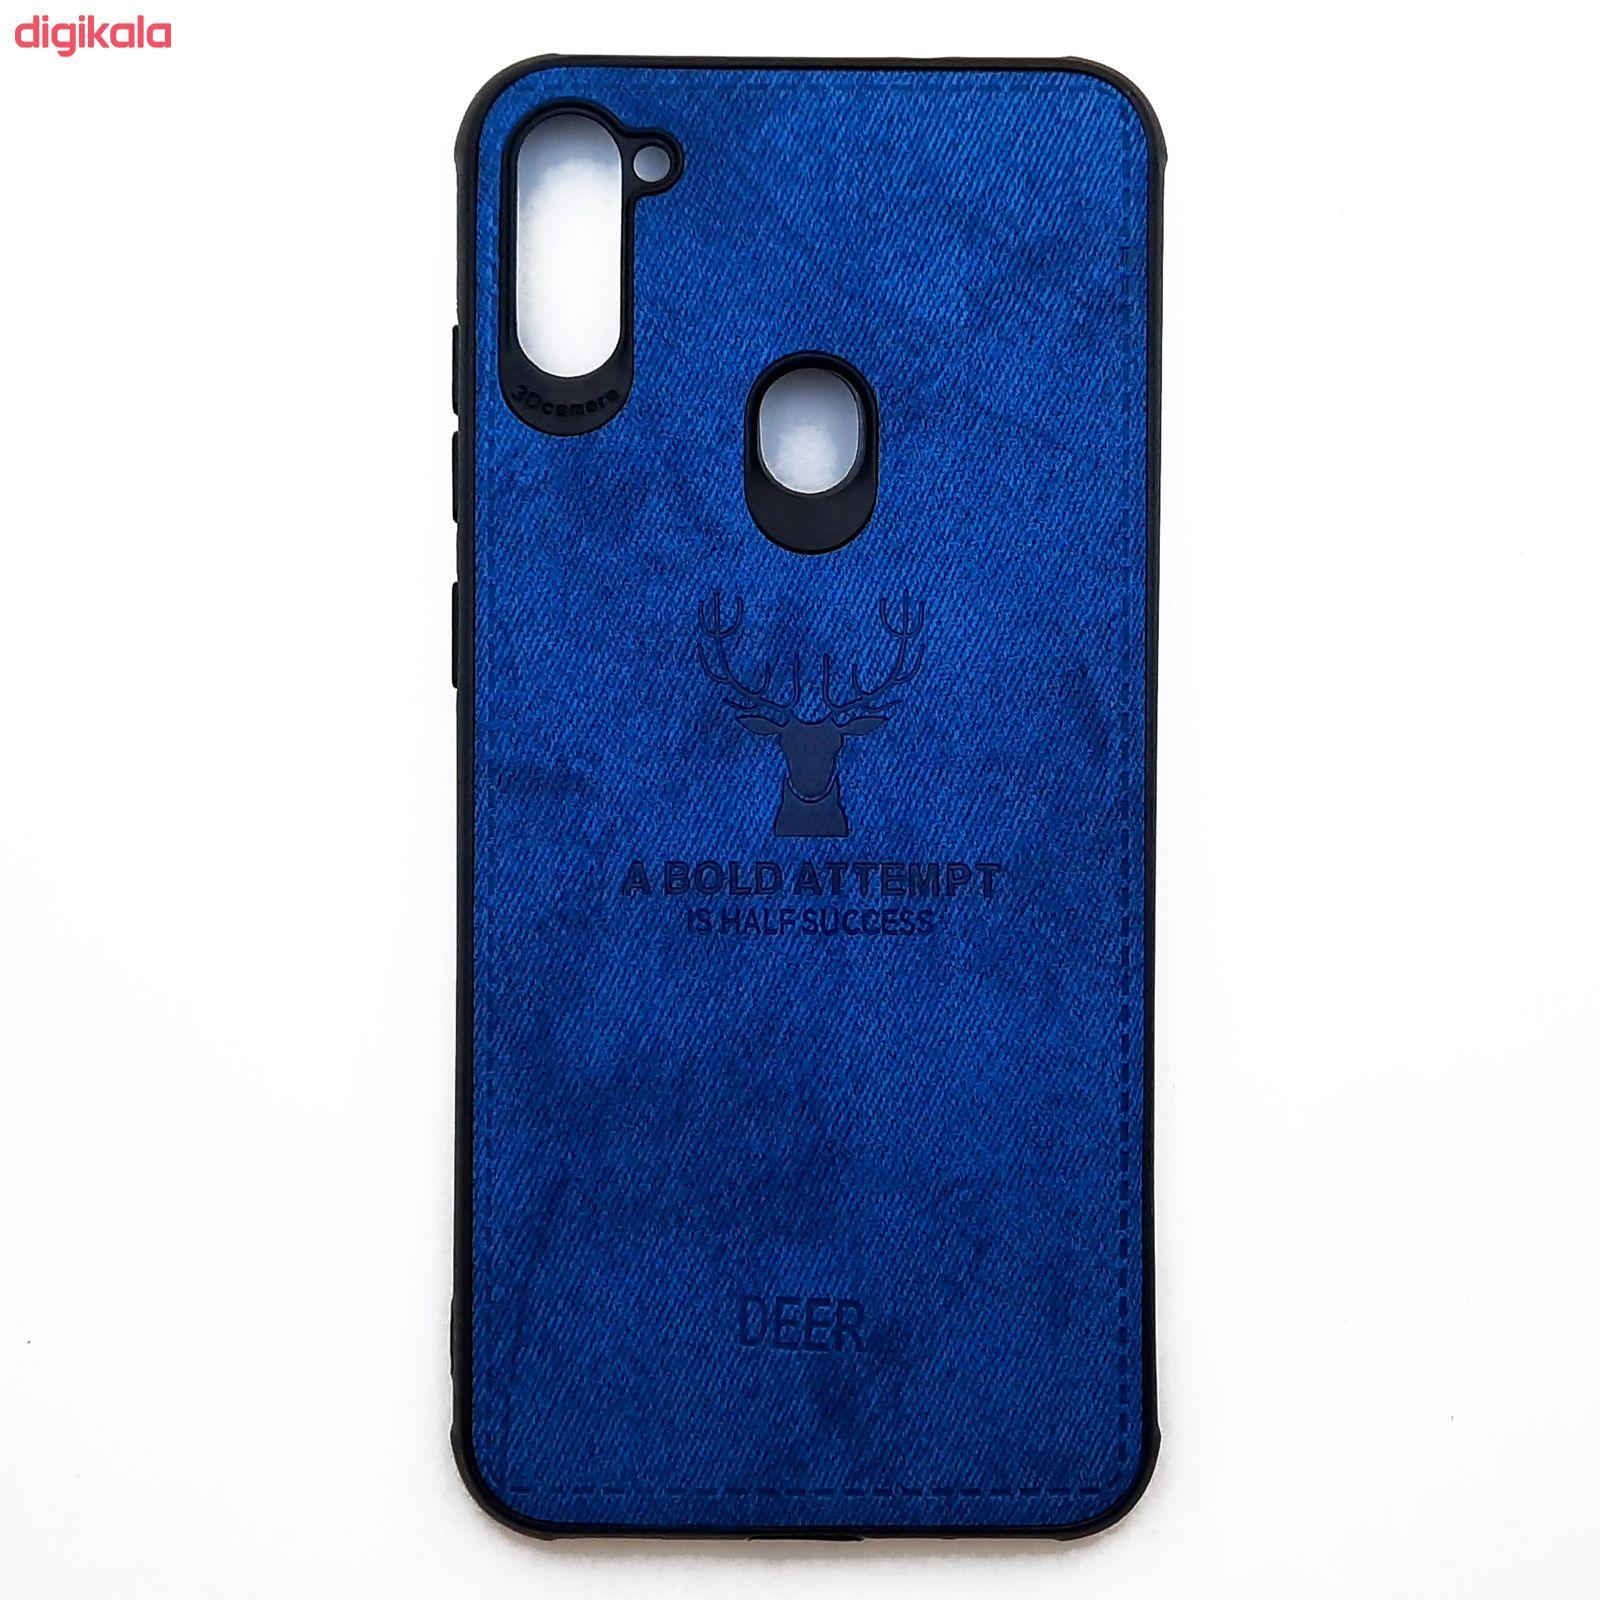 کاور مدل CO505 طرح گوزن مناسب برای گوشی موبایل سامسونگ Galaxy A11 main 1 8